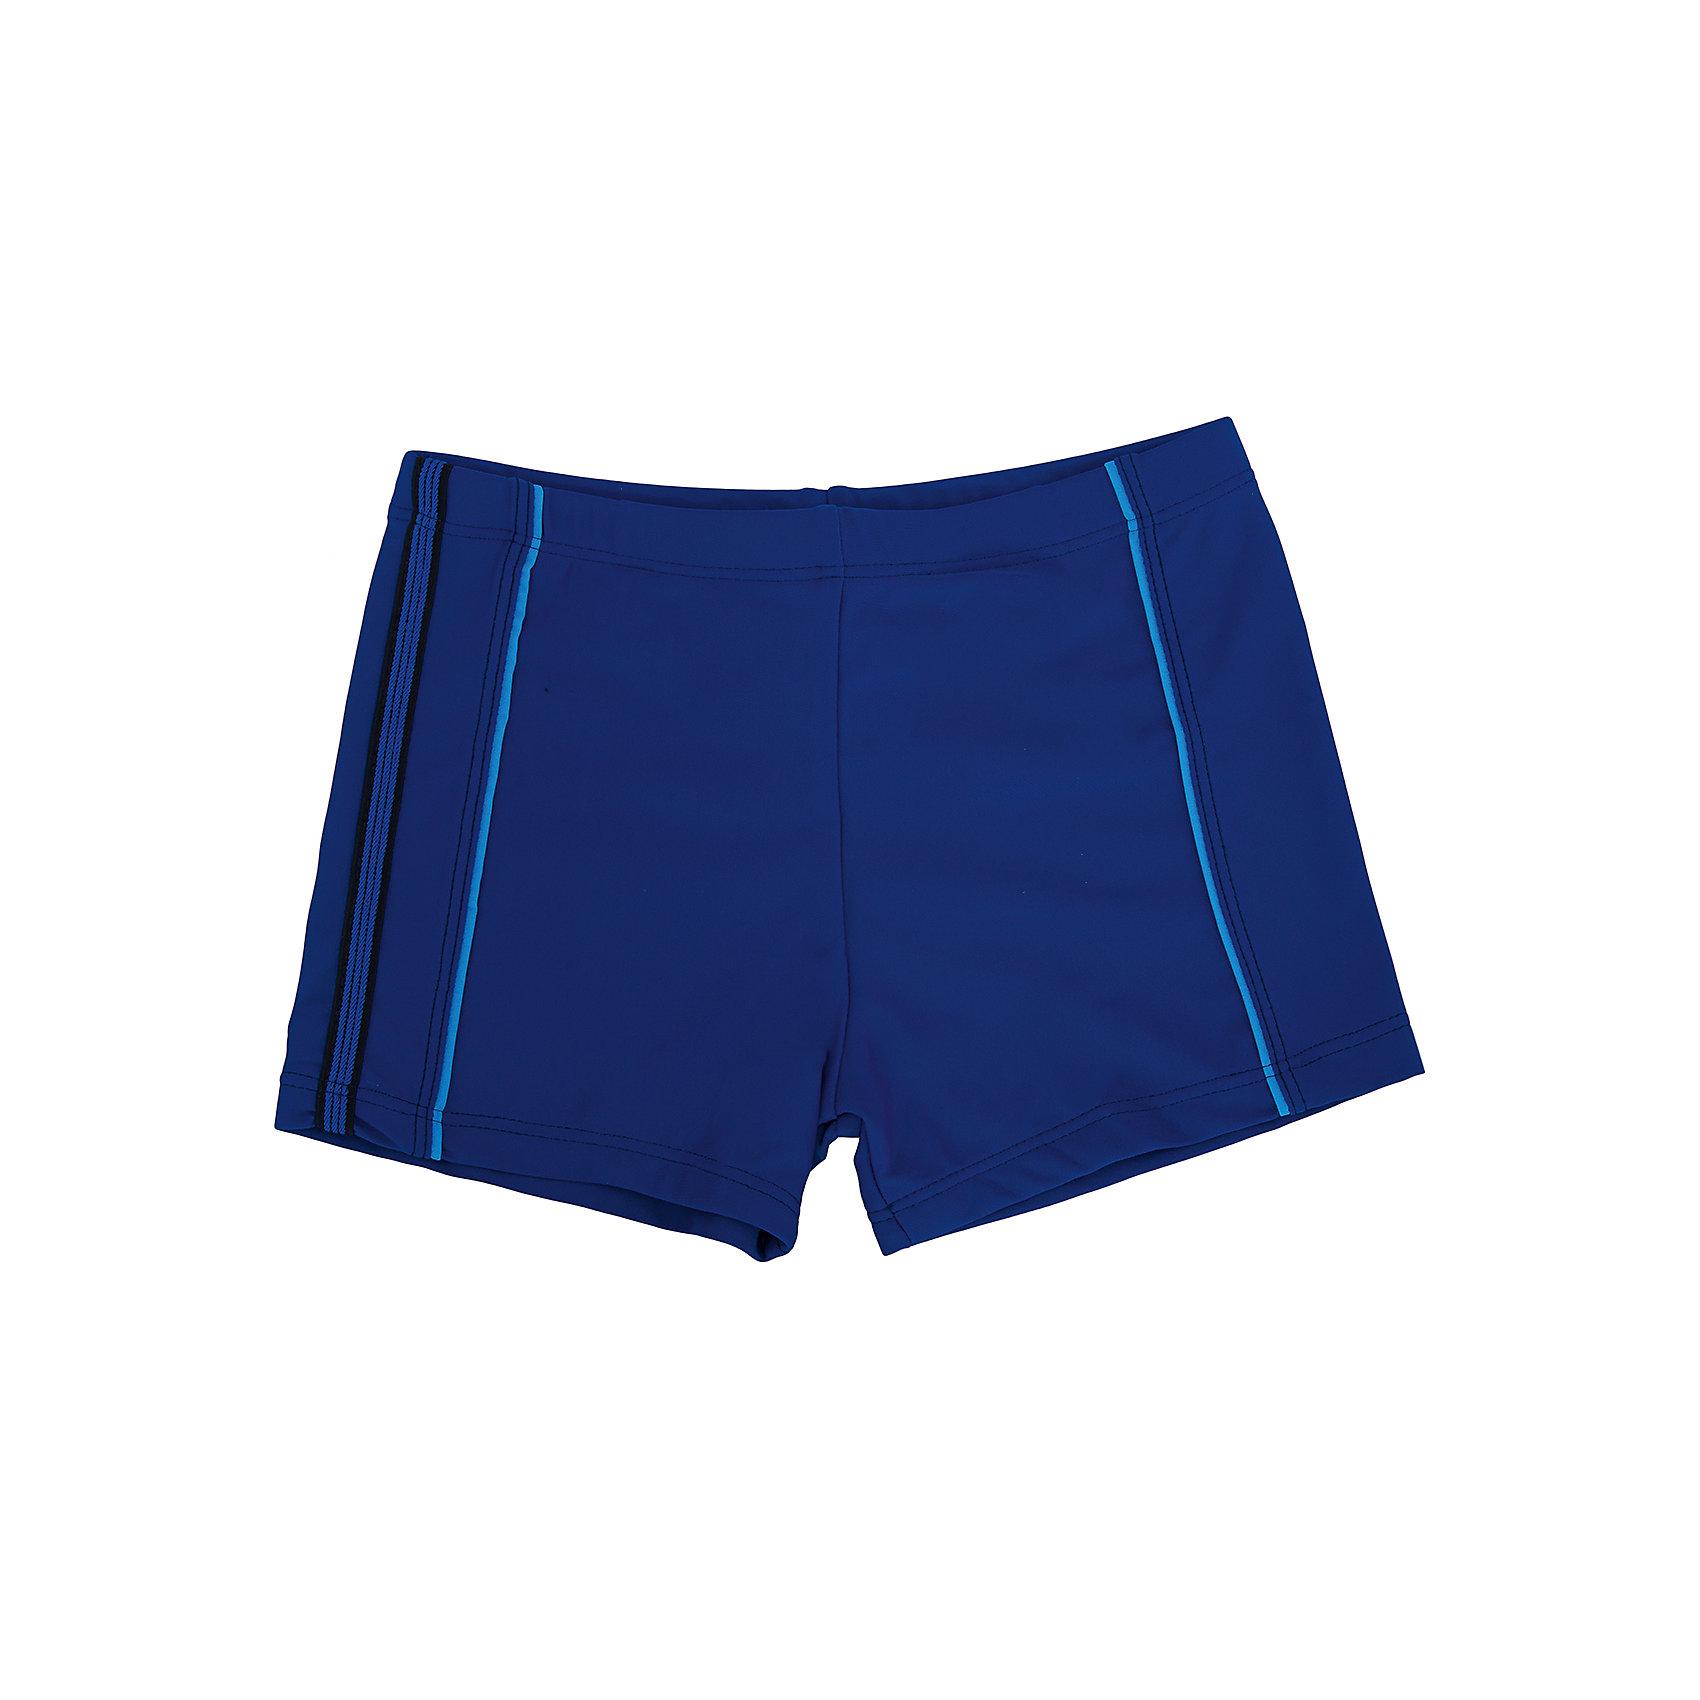 Плавки-шорты для мальчика DAUBERКупальники и плавки<br>Плавки-шорты для мальчика известной марки DAUBER. <br><br>Состав: 82%полиамид, 18%эластан.<br><br>Ширина мм: 183<br>Глубина мм: 60<br>Высота мм: 135<br>Вес г: 119<br>Цвет: синий<br>Возраст от месяцев: 132<br>Возраст до месяцев: 144<br>Пол: Мужской<br>Возраст: Детский<br>Размер: 152,146,140,128,134<br>SKU: 4845382